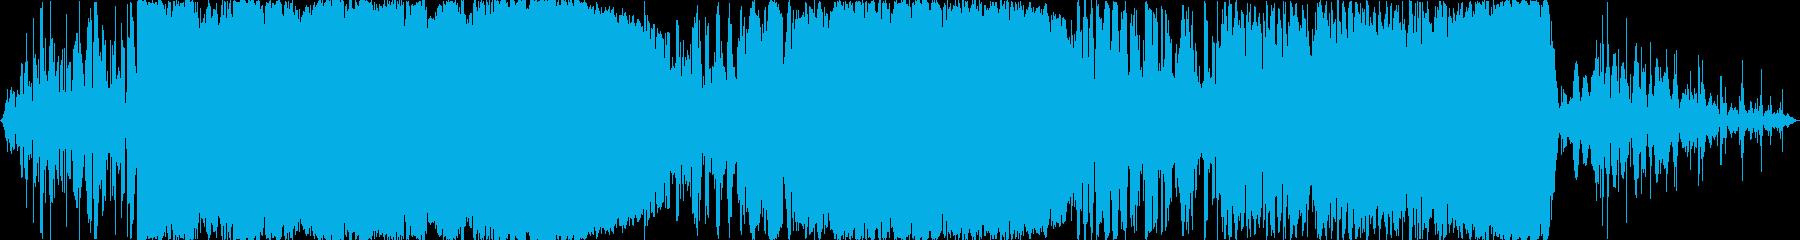 大きな電気放電、重い亀裂、電気、ア...の再生済みの波形